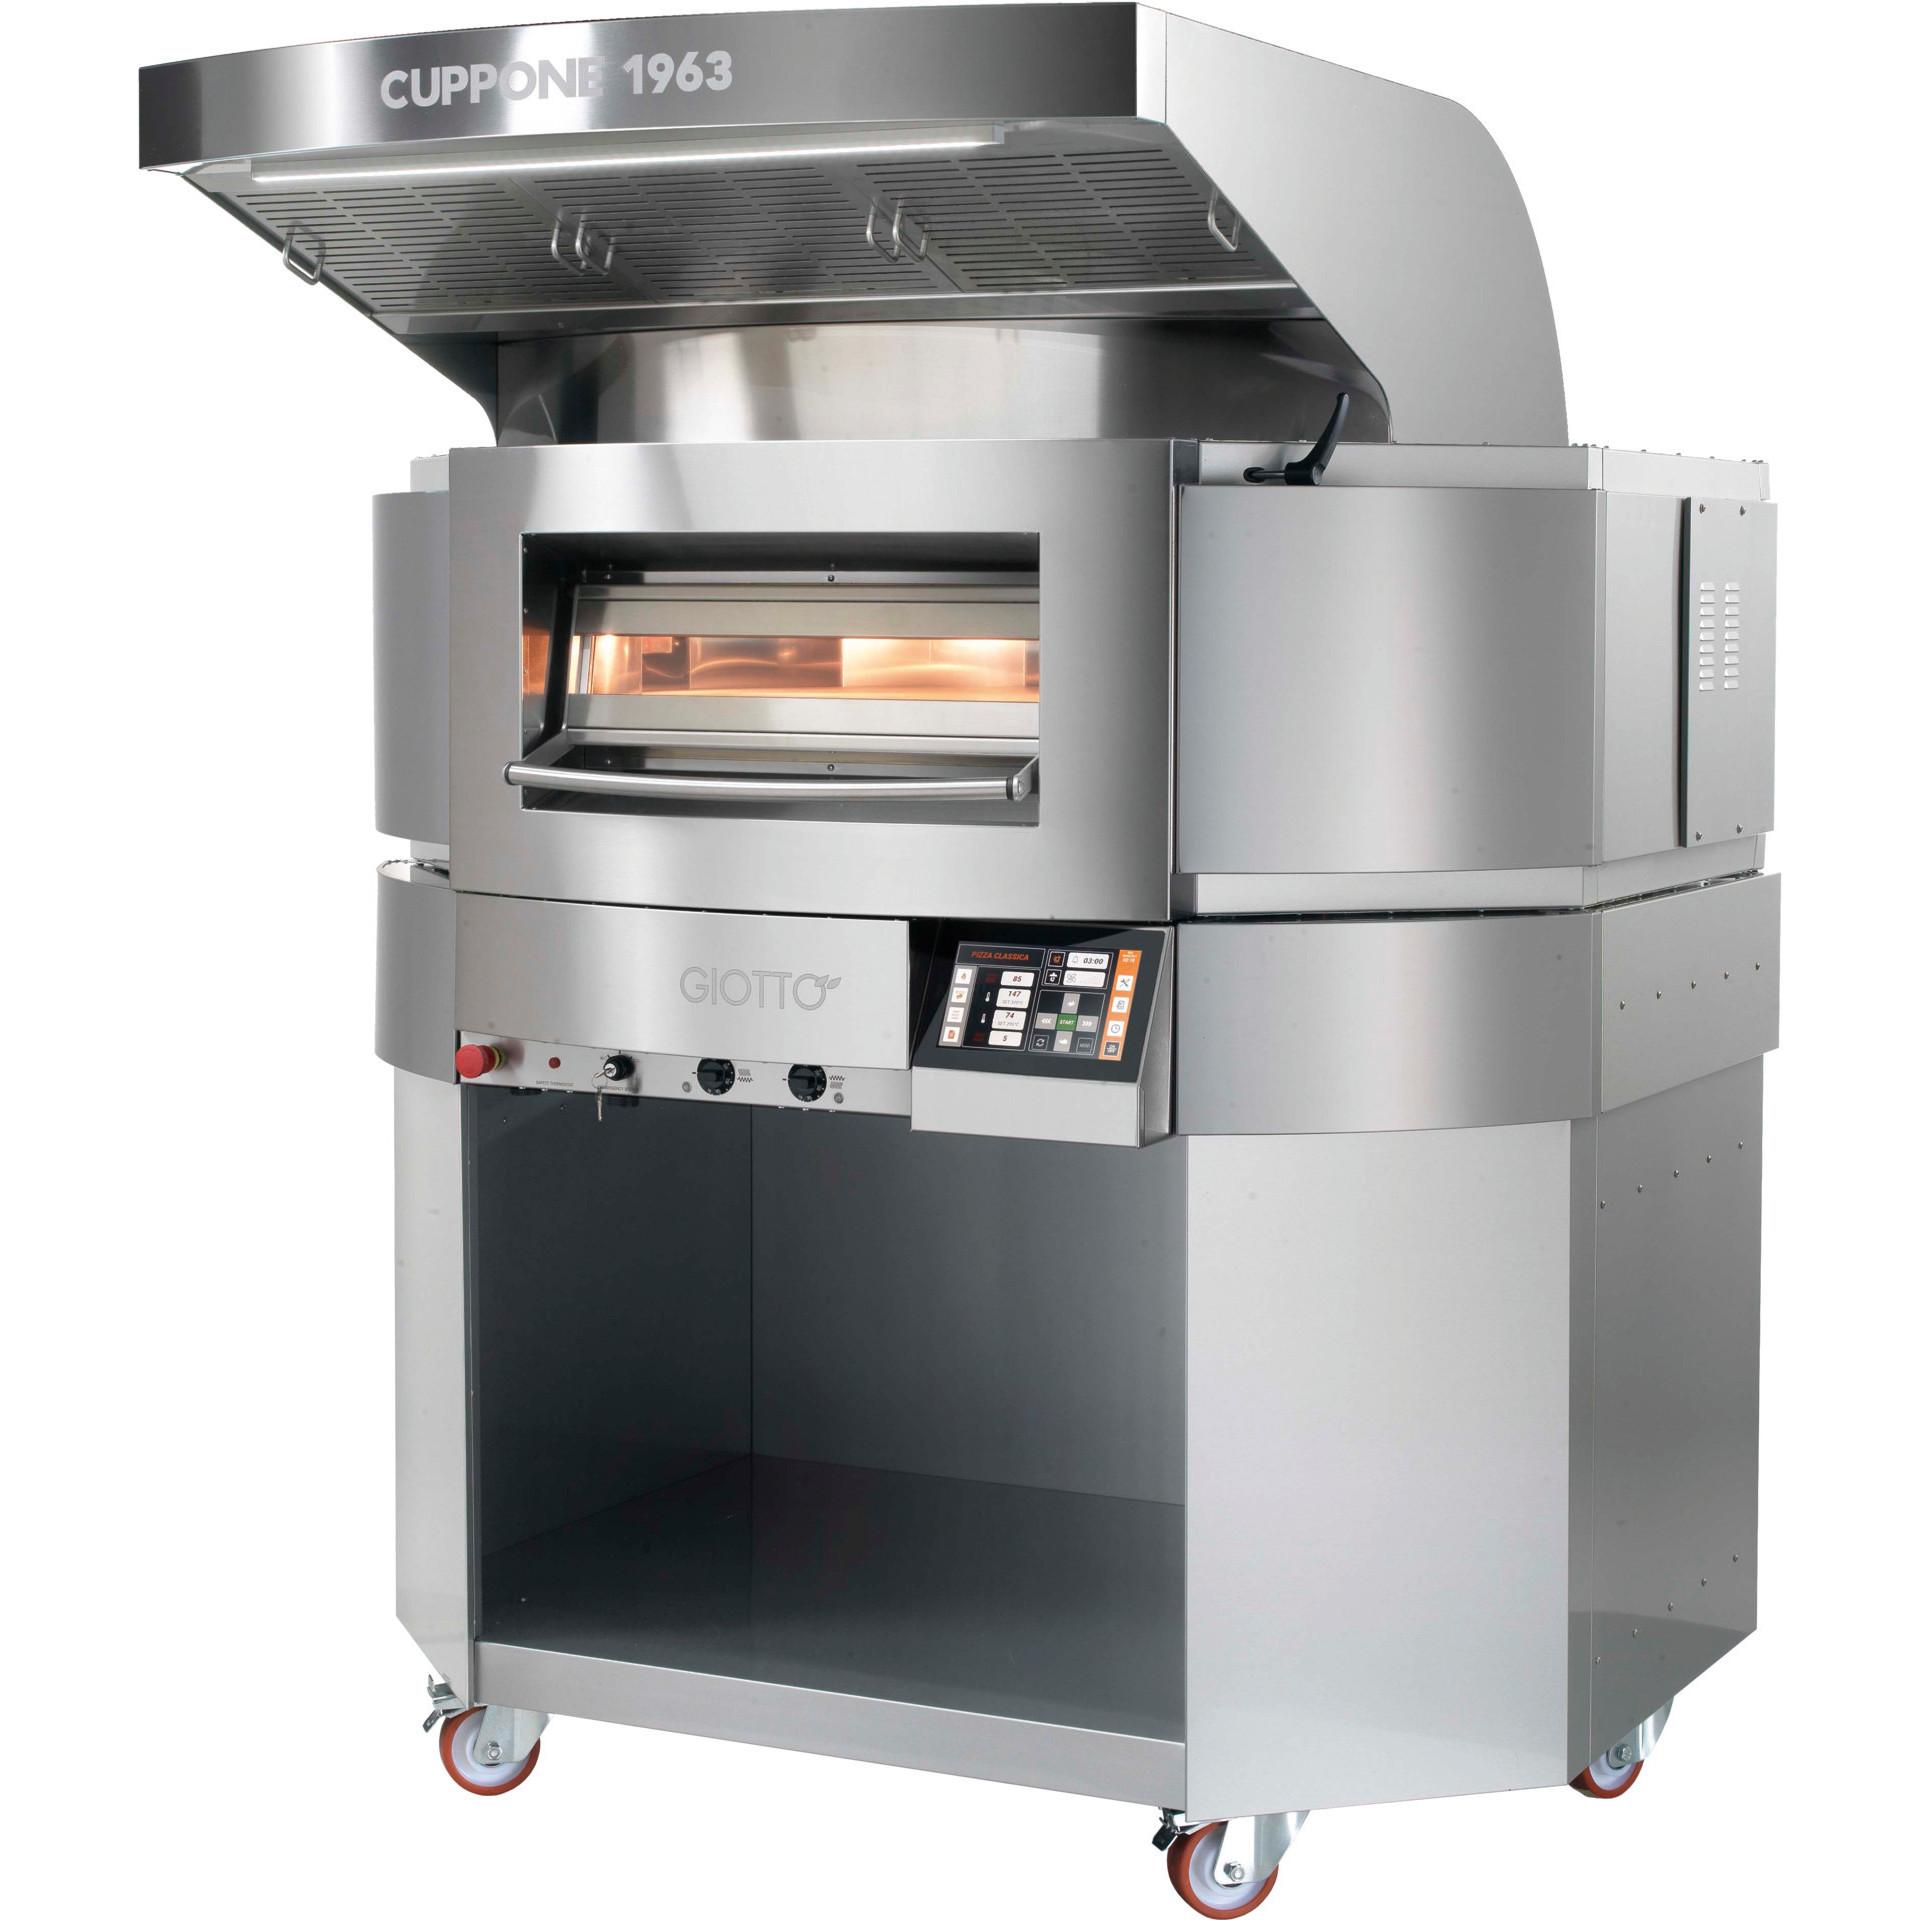 Elektro-Einkammer-Backofen mit drehbarer Backplatte für 10 x ø 350 mm Pizzen